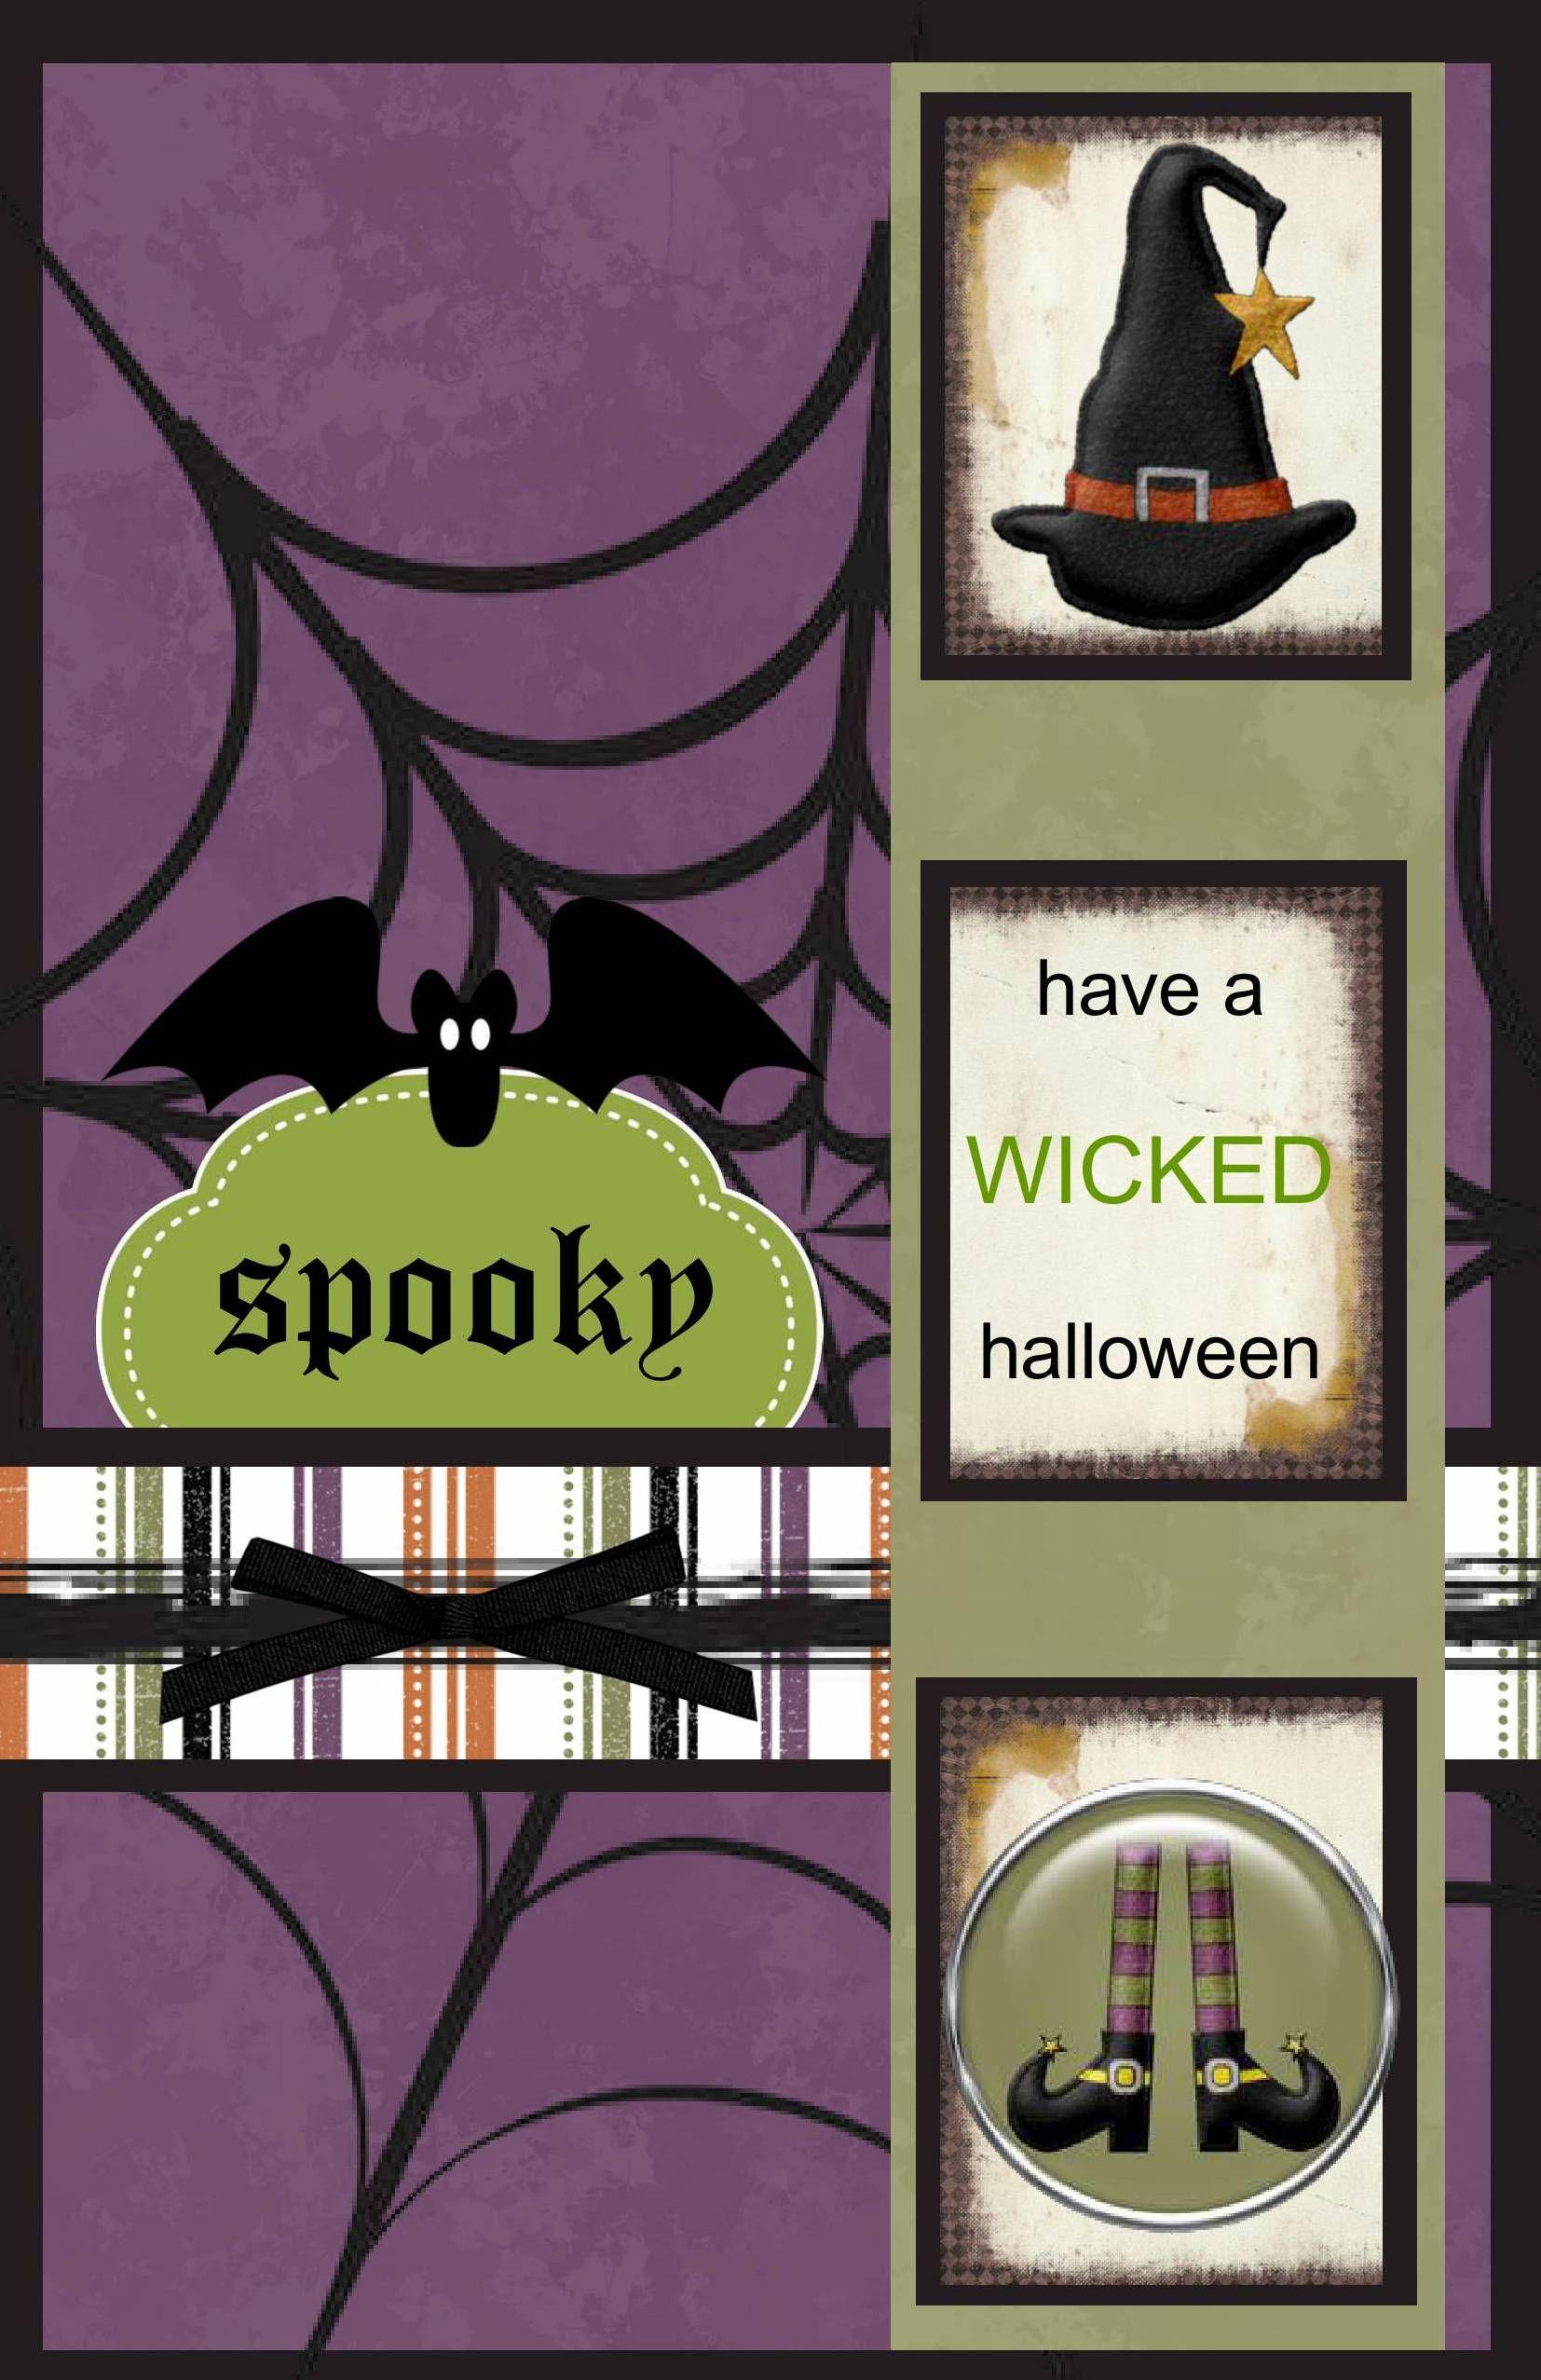 Spooky Spooky halloween, Spooky, Holiday wallpaper